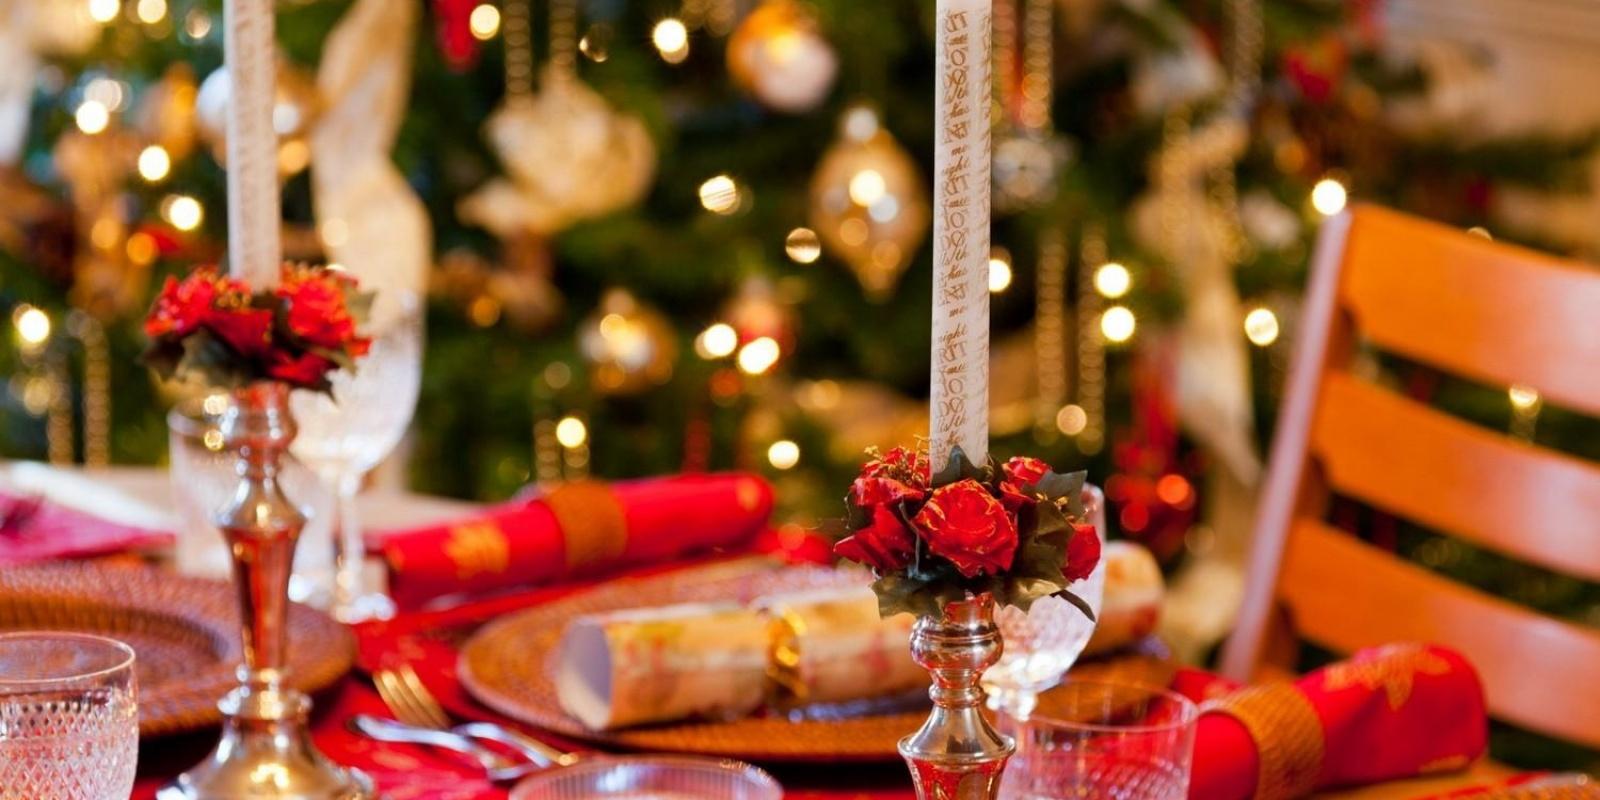 3 Ristoranti Di Napoli Aperti Per La Cena Di Natale